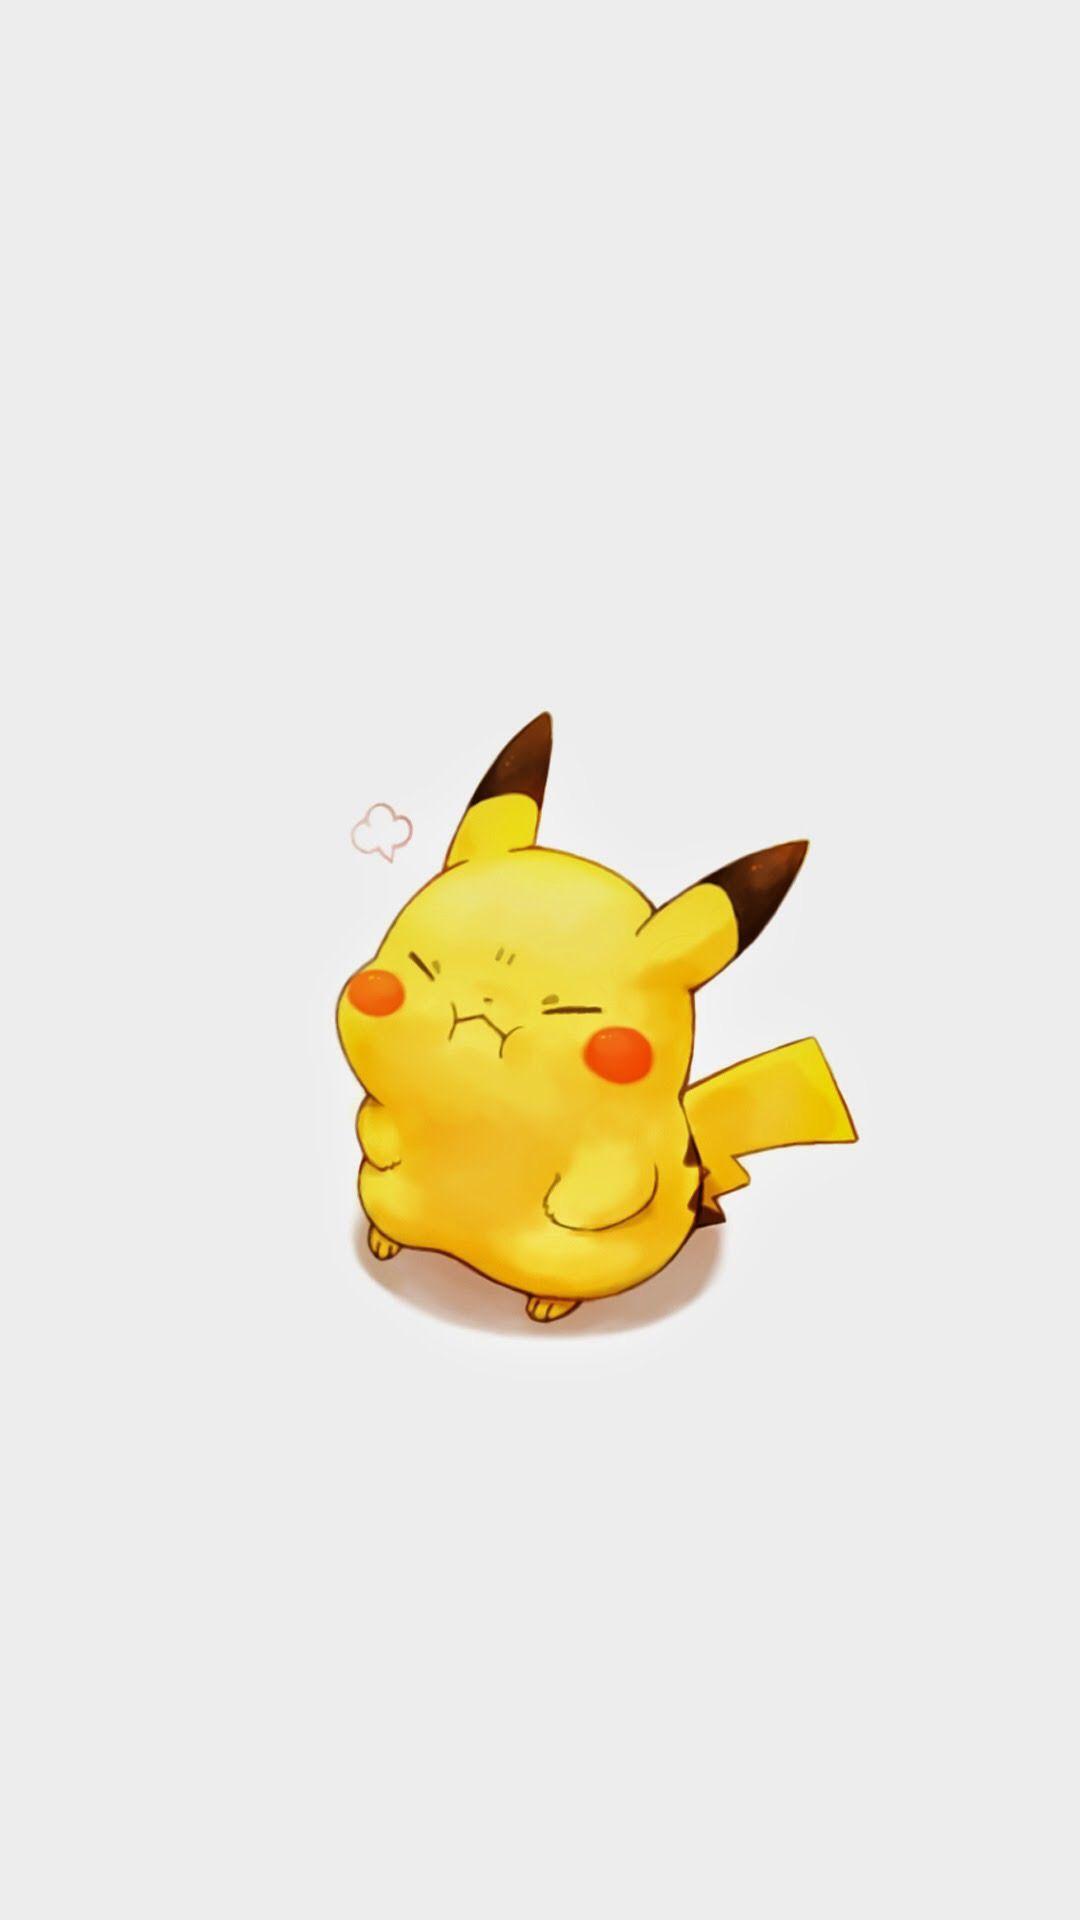 Hình ảnh Tap 1080x1920 để có thêm hình nền Pikachu dễ thương ngộ nghĩnh!  Pikachu